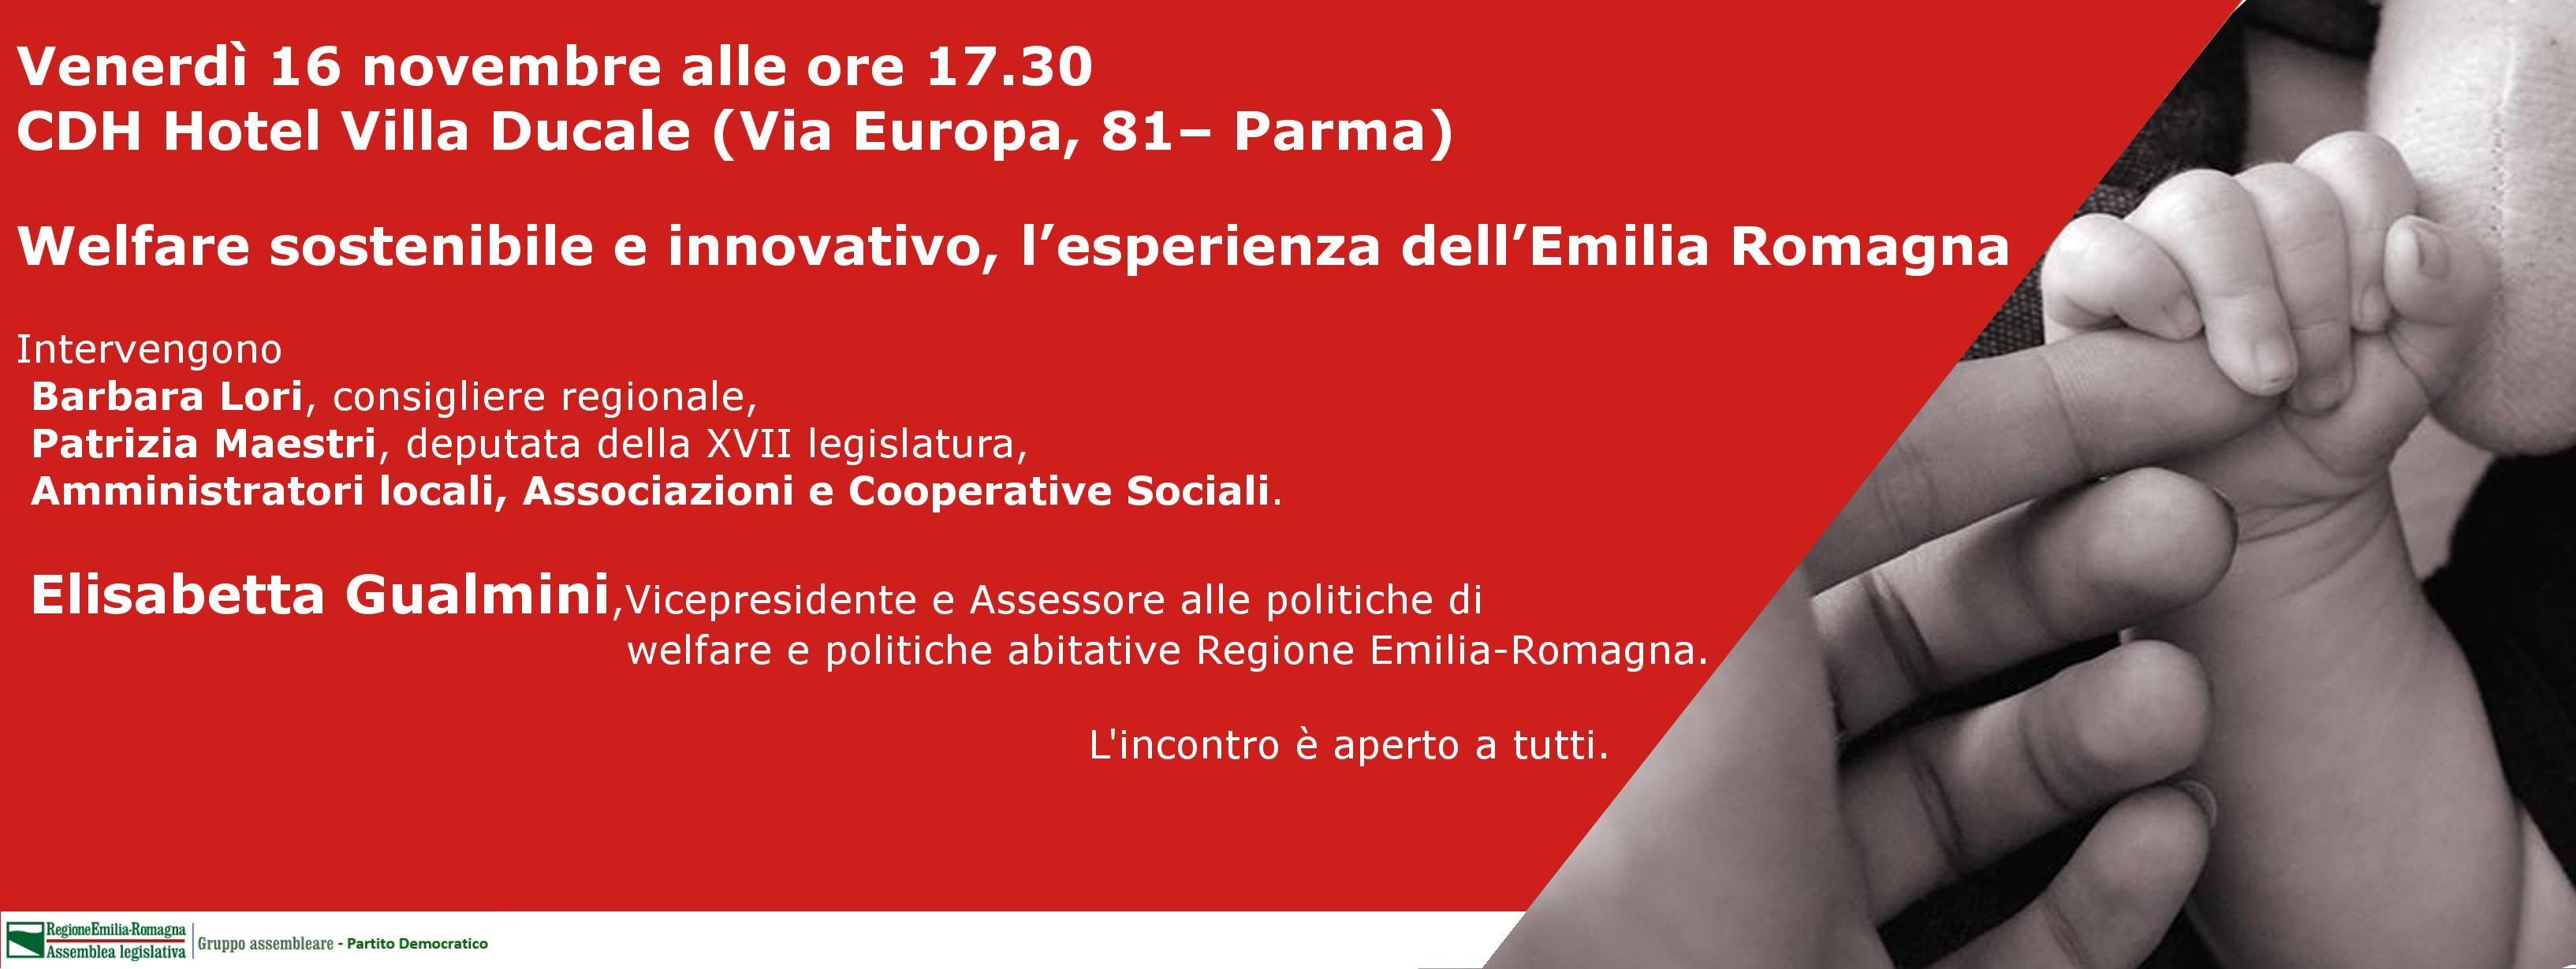 """Welfare sostenibile e innovativo, l'esperienza dell'Emilia Romagna""""."""